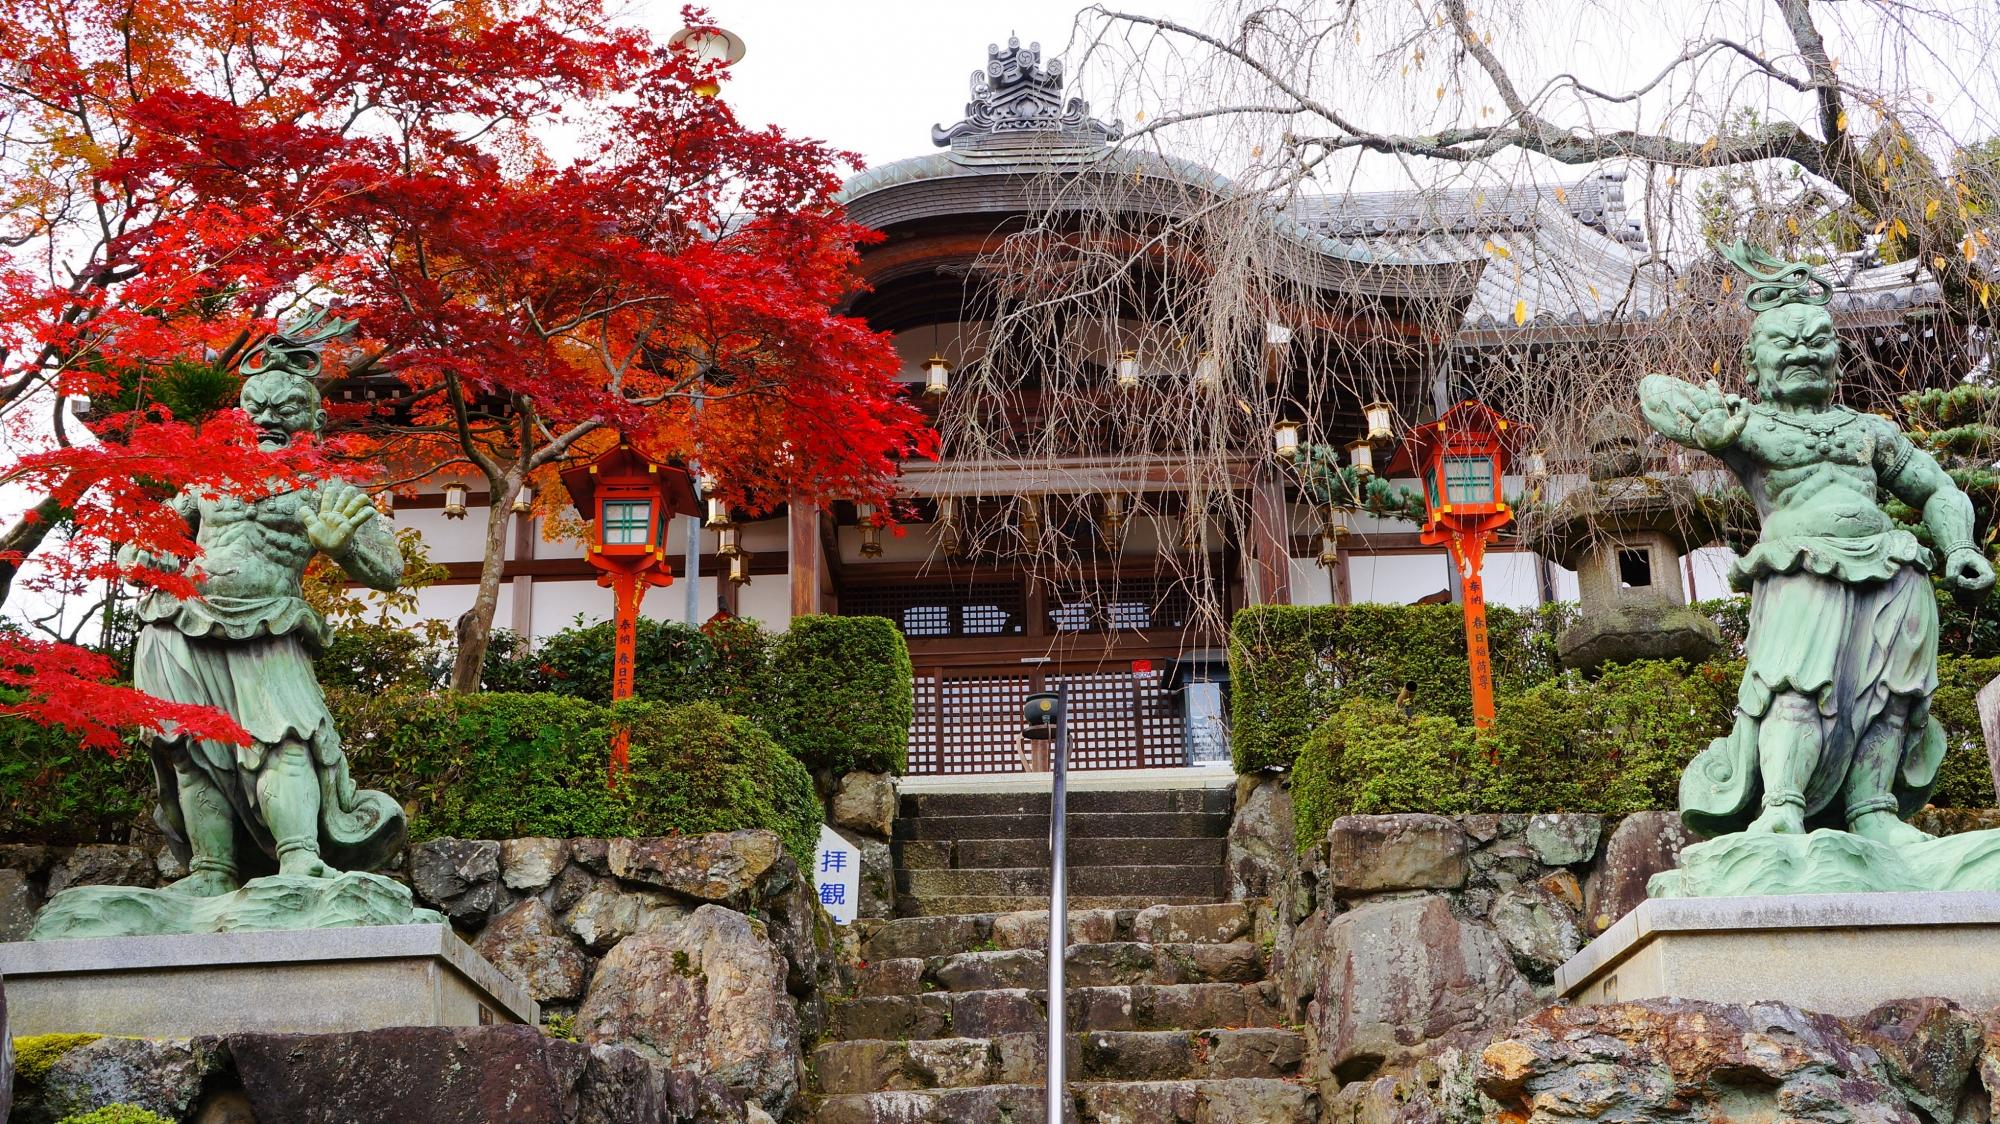 正法寺の絵になる鮮烈な秋の彩り